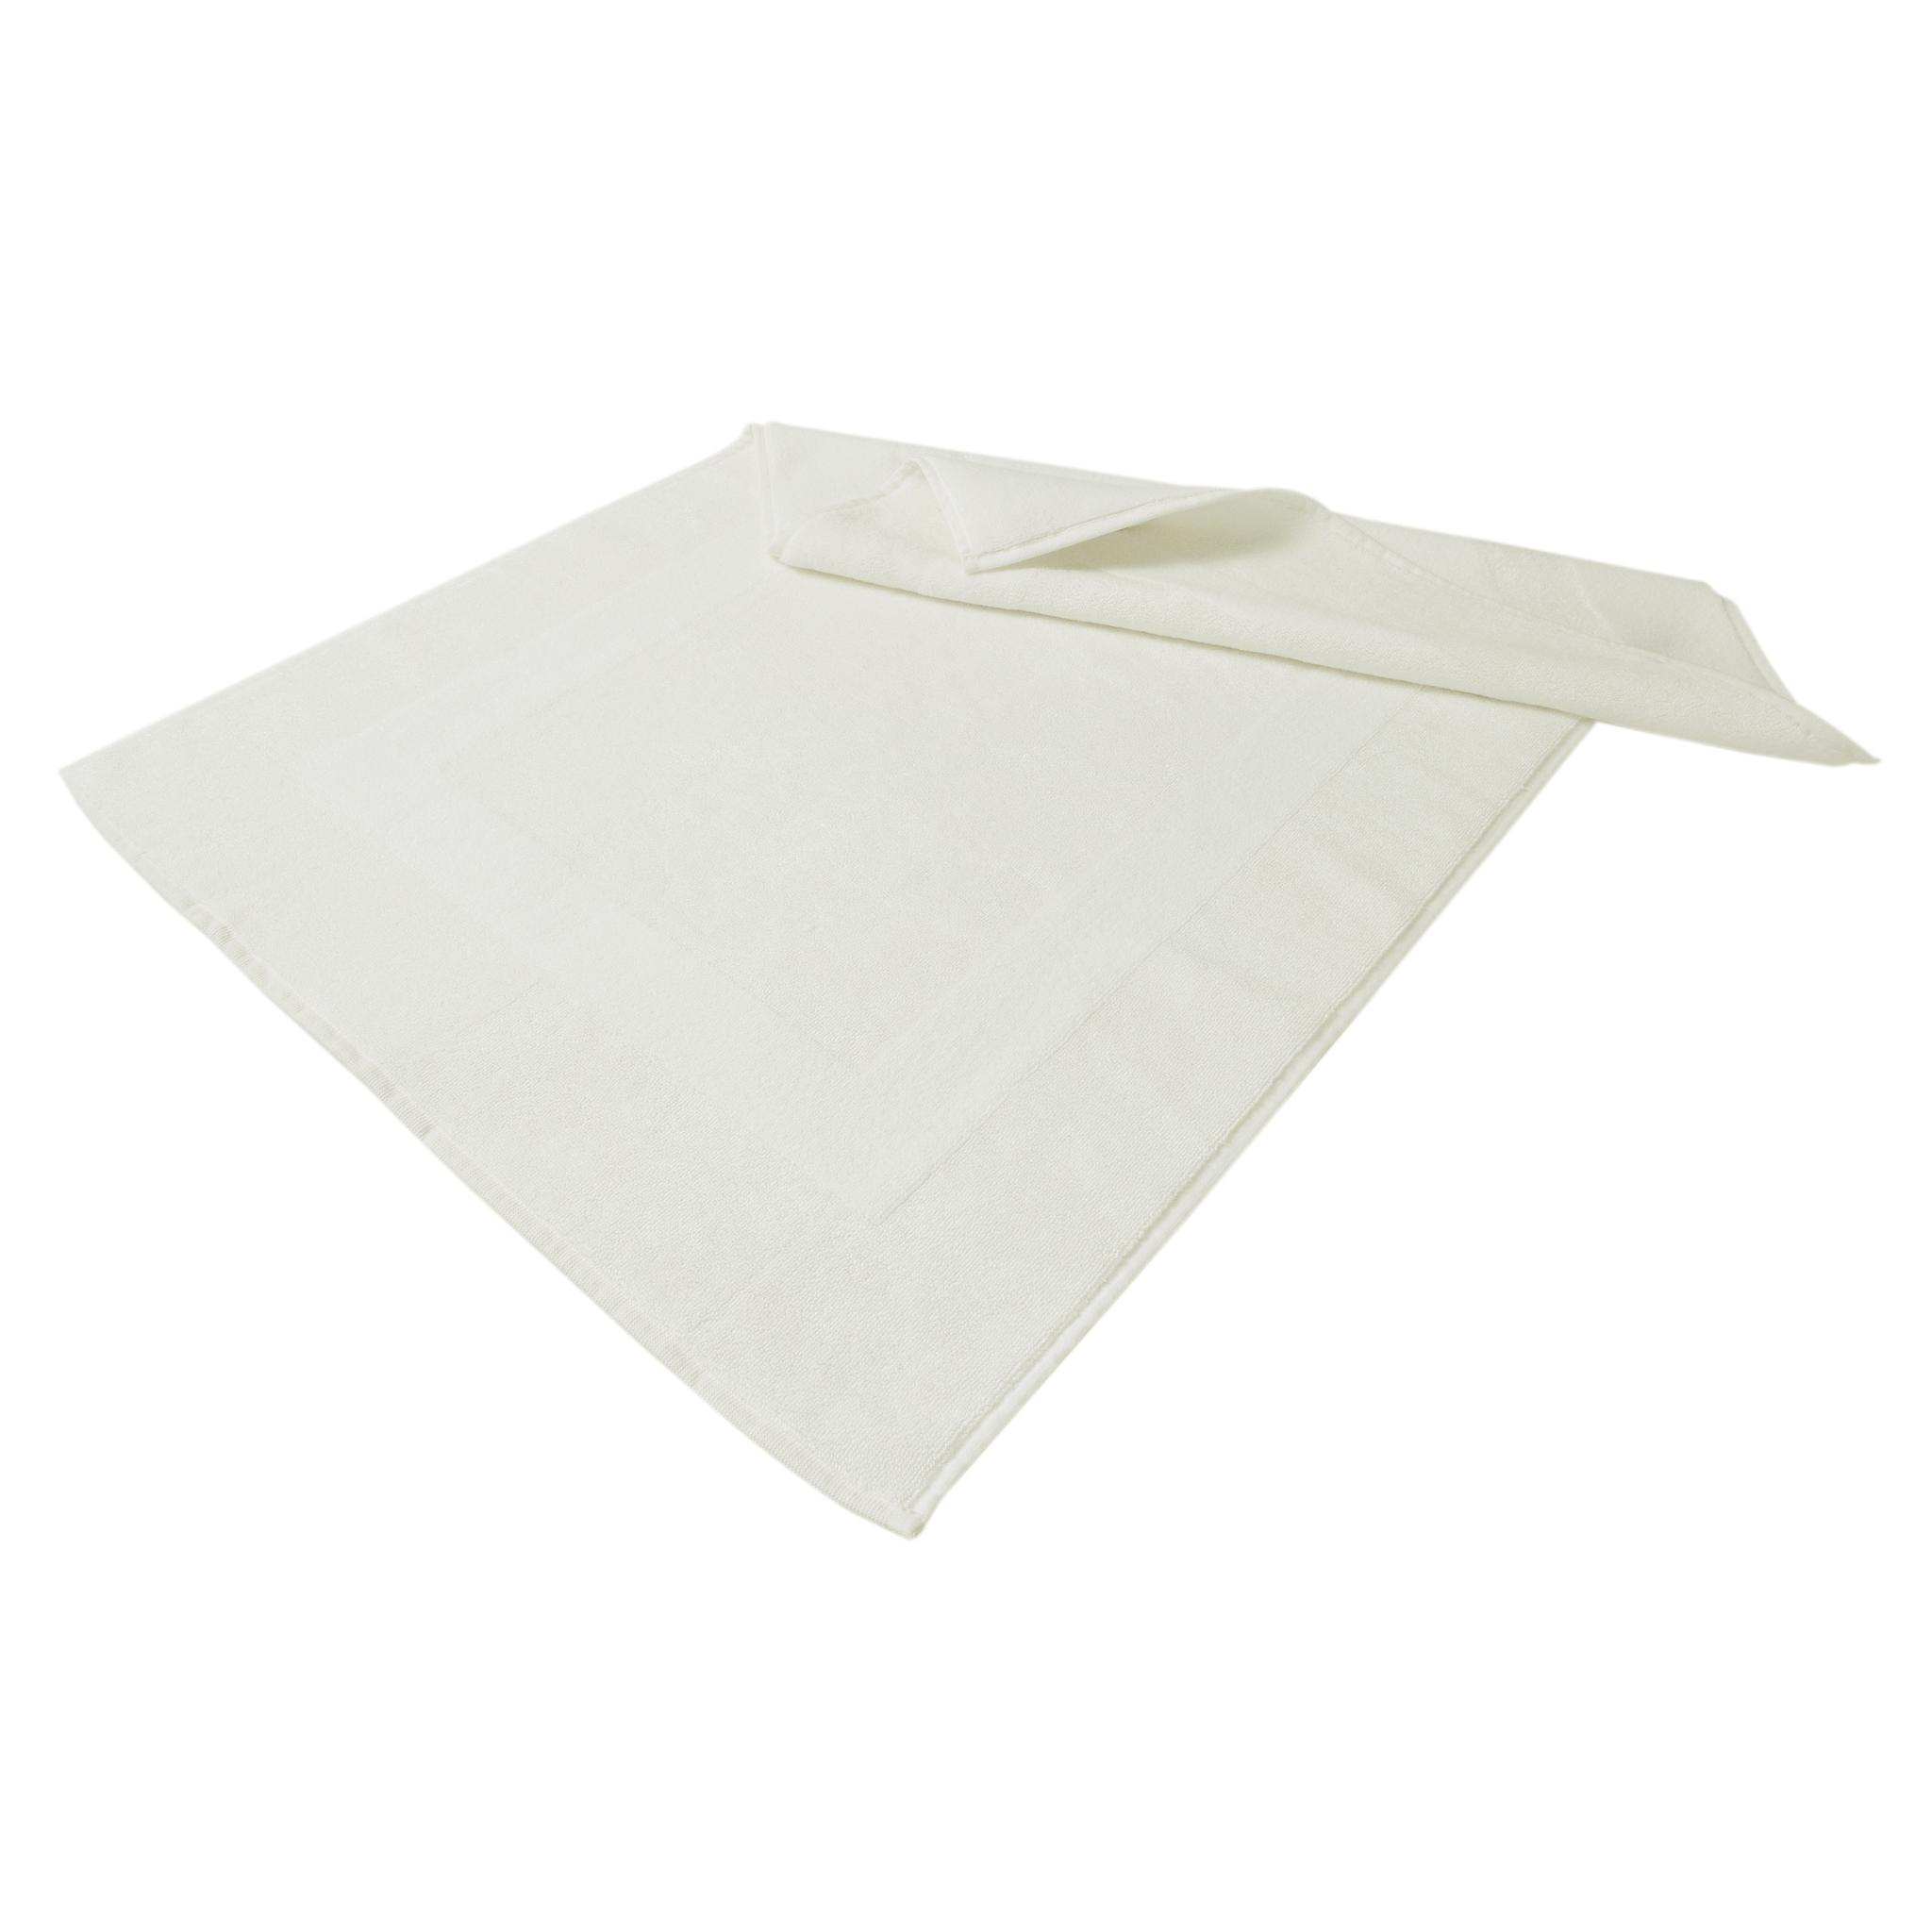 Элитный коврик для ванной Glam белый от Hamam